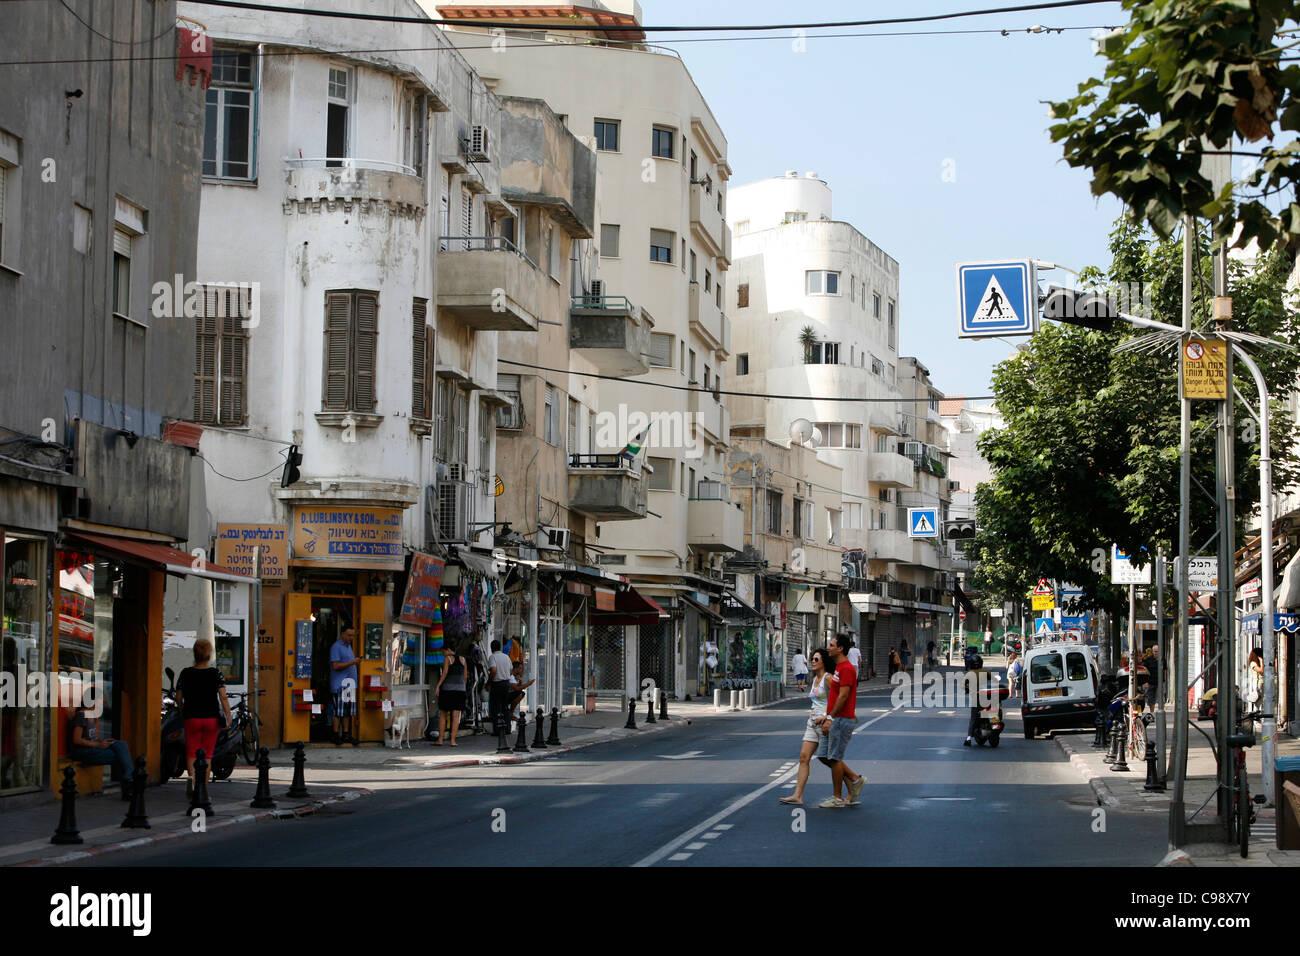 Die Könige George Street mit Bauhaus-Bauten, Tel Aviv, Israel. Stockbild